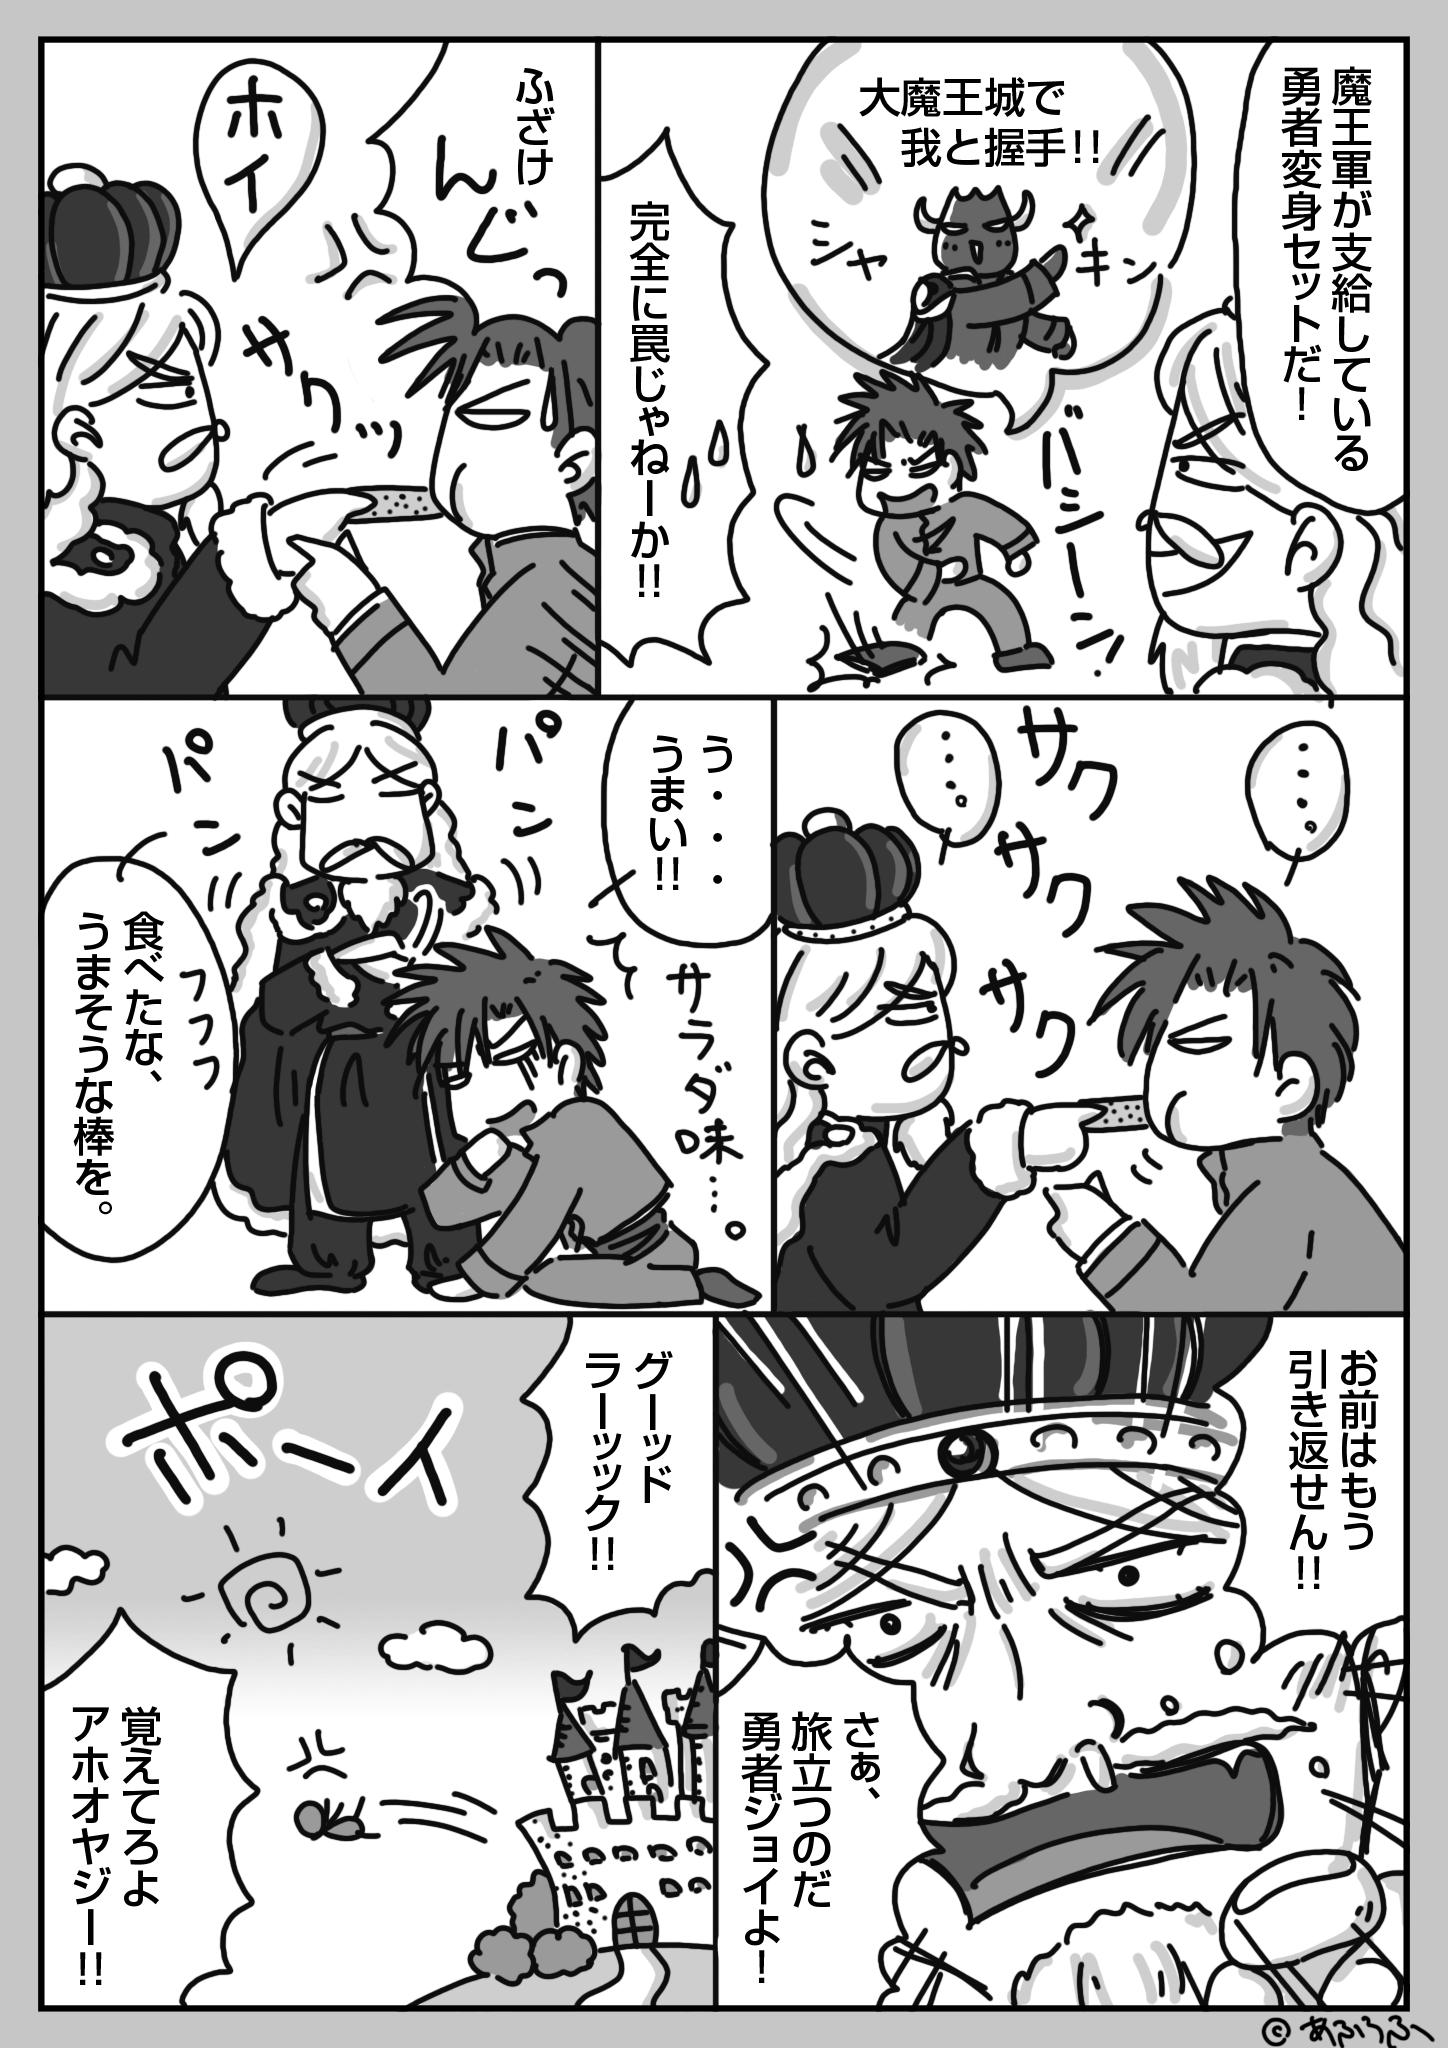 2話(6)『Say YES to new adventures! 〜追い出された勇者〜』